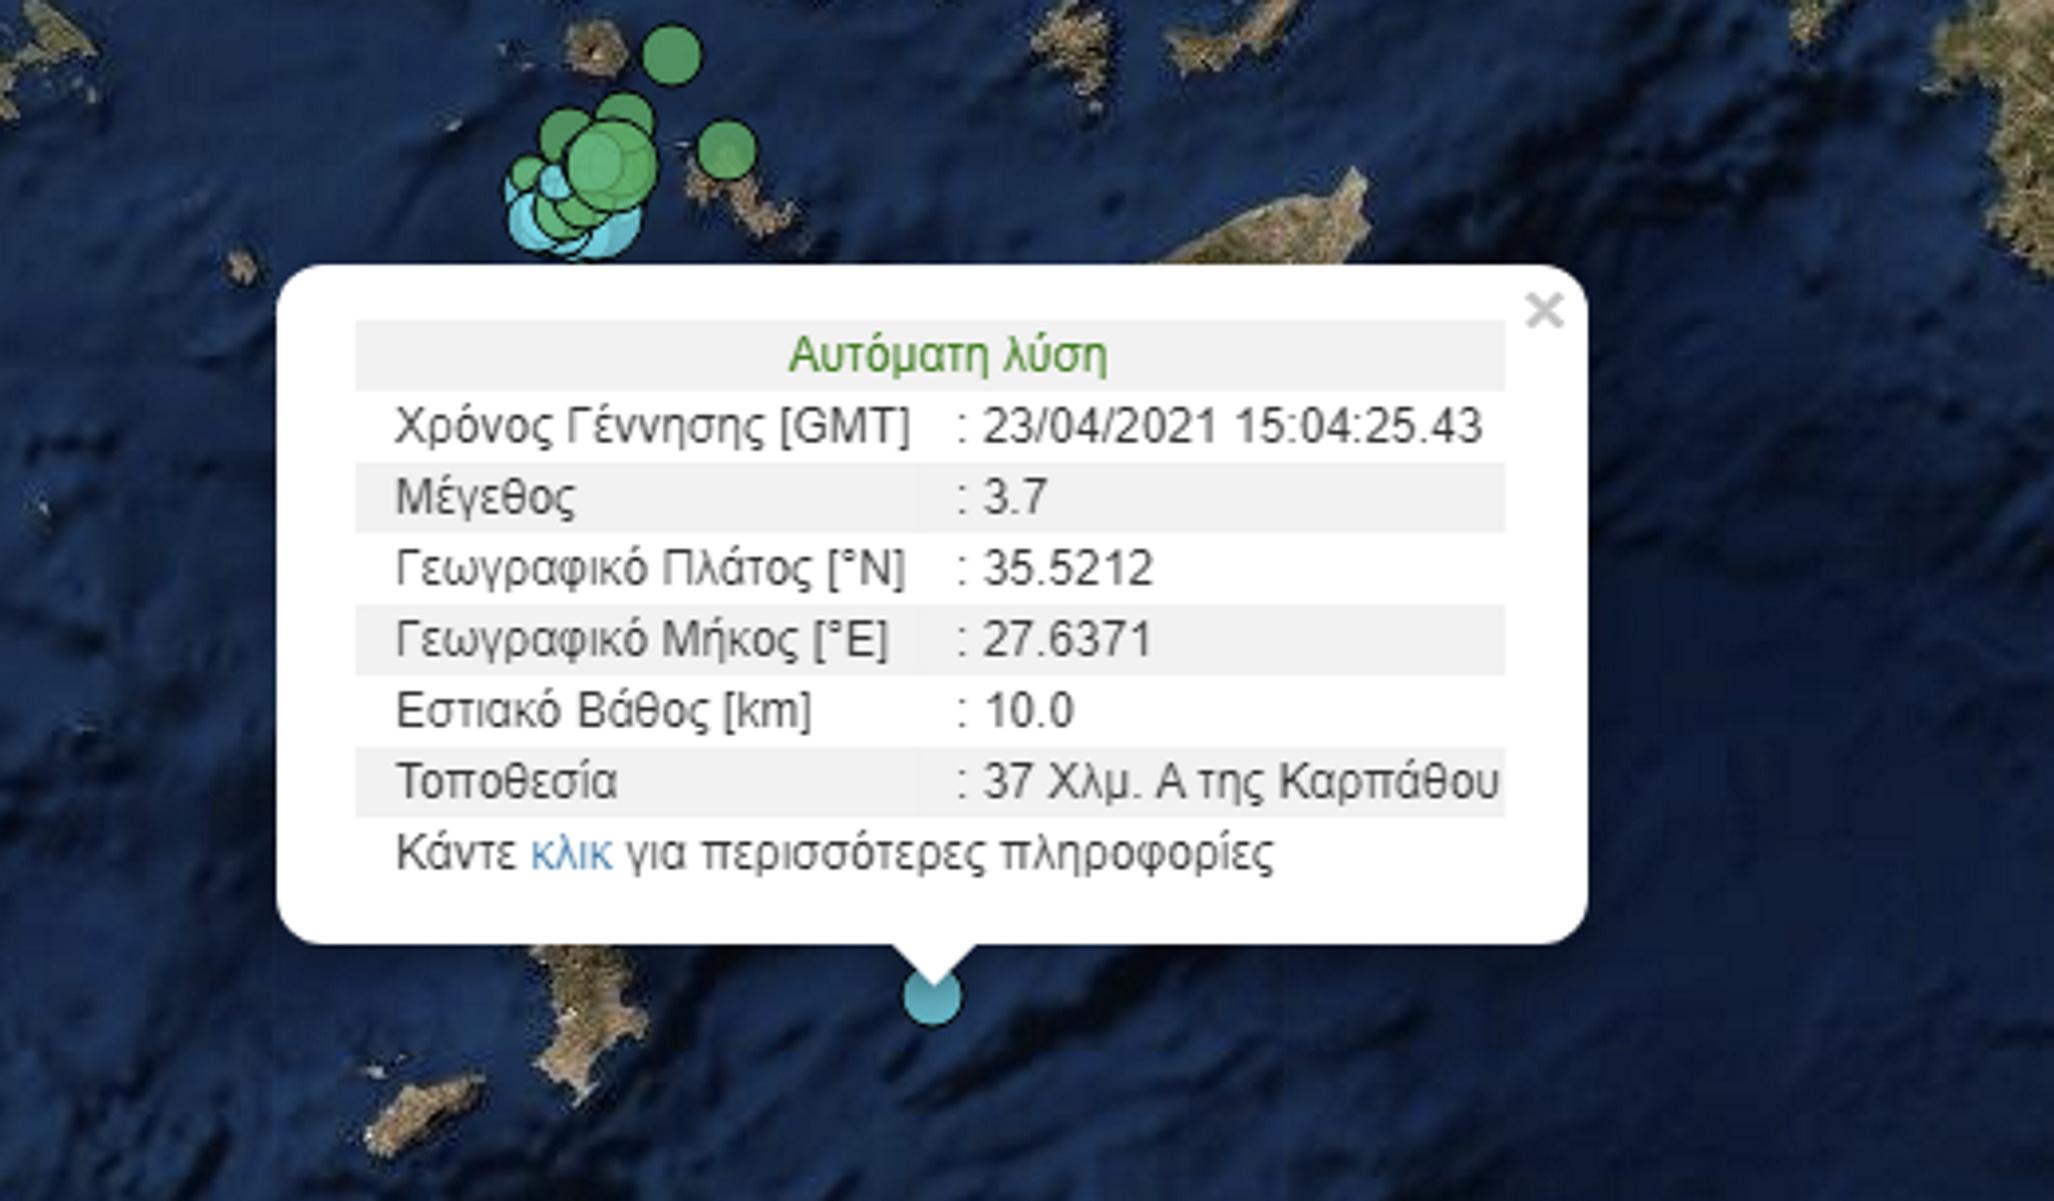 Σεισμός 3,7 ρίχτερ στην Κάρπαθο